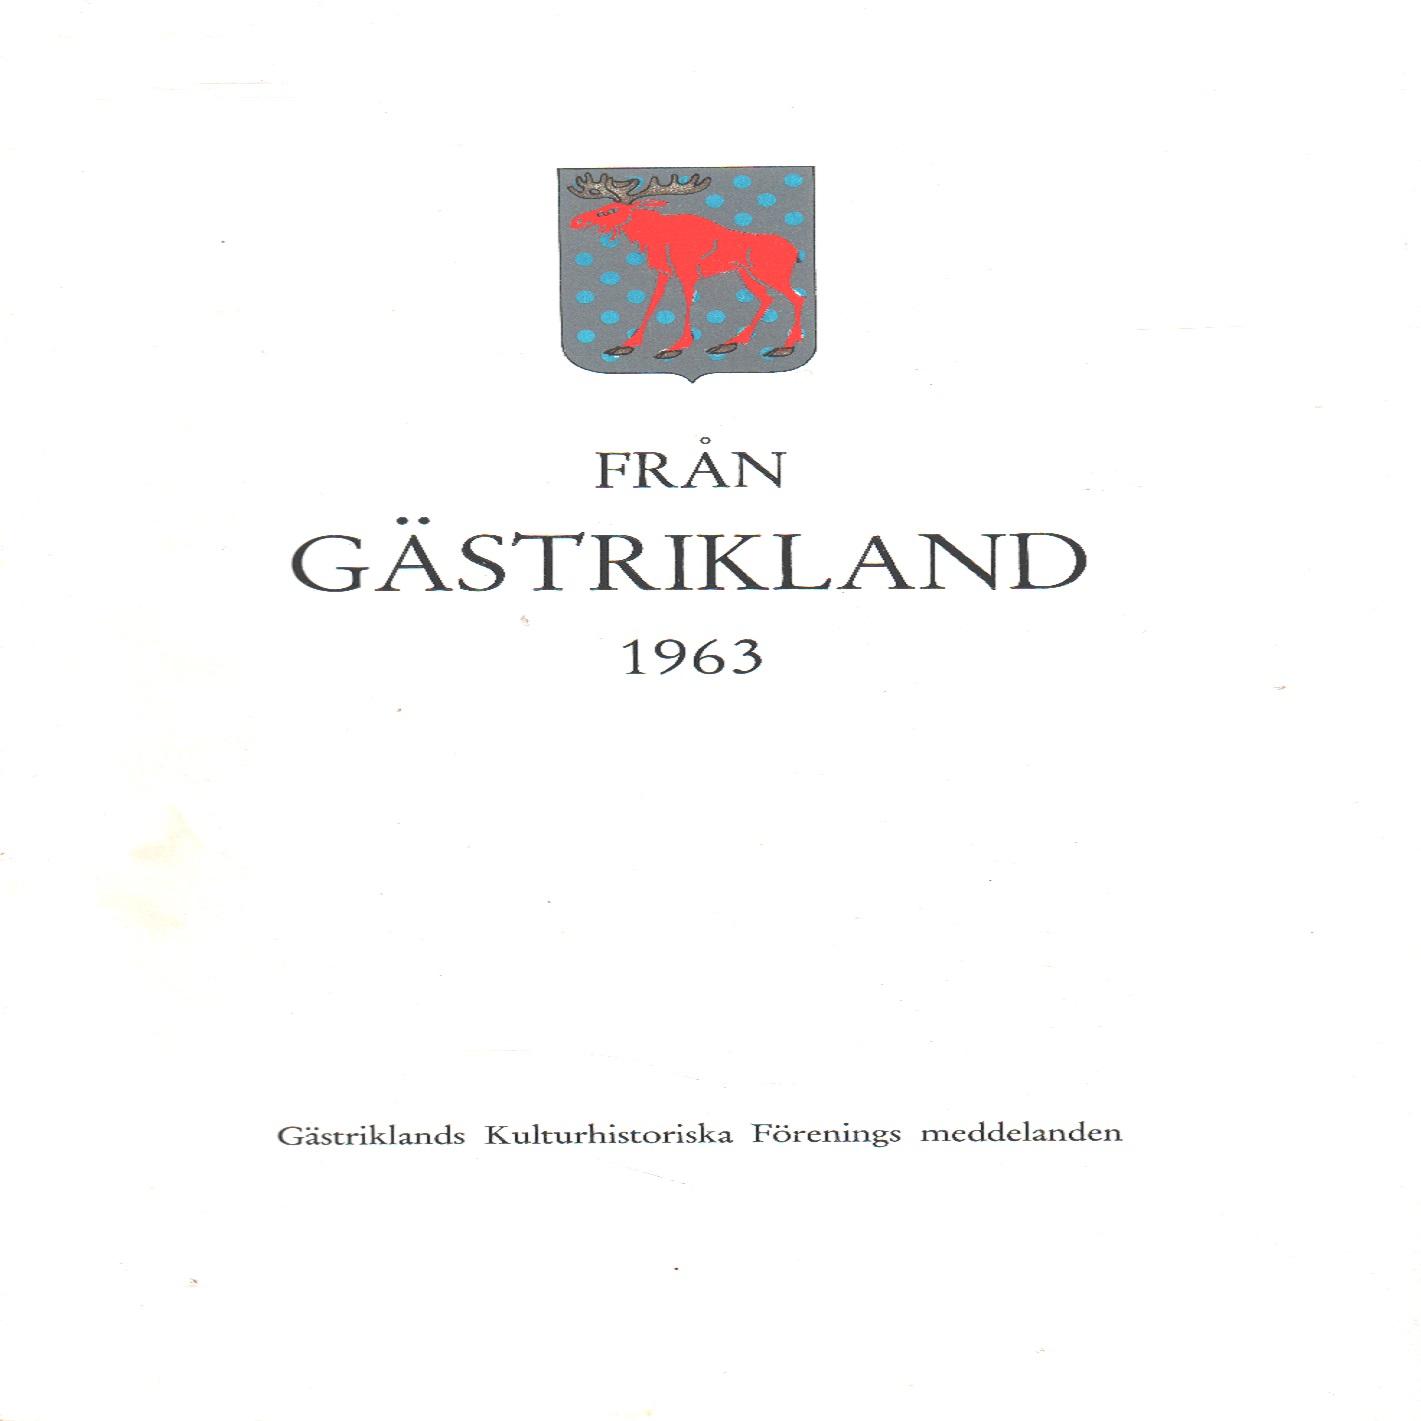 Från Gästrikland 1963 - Gästriklands kulturhistoriska förening